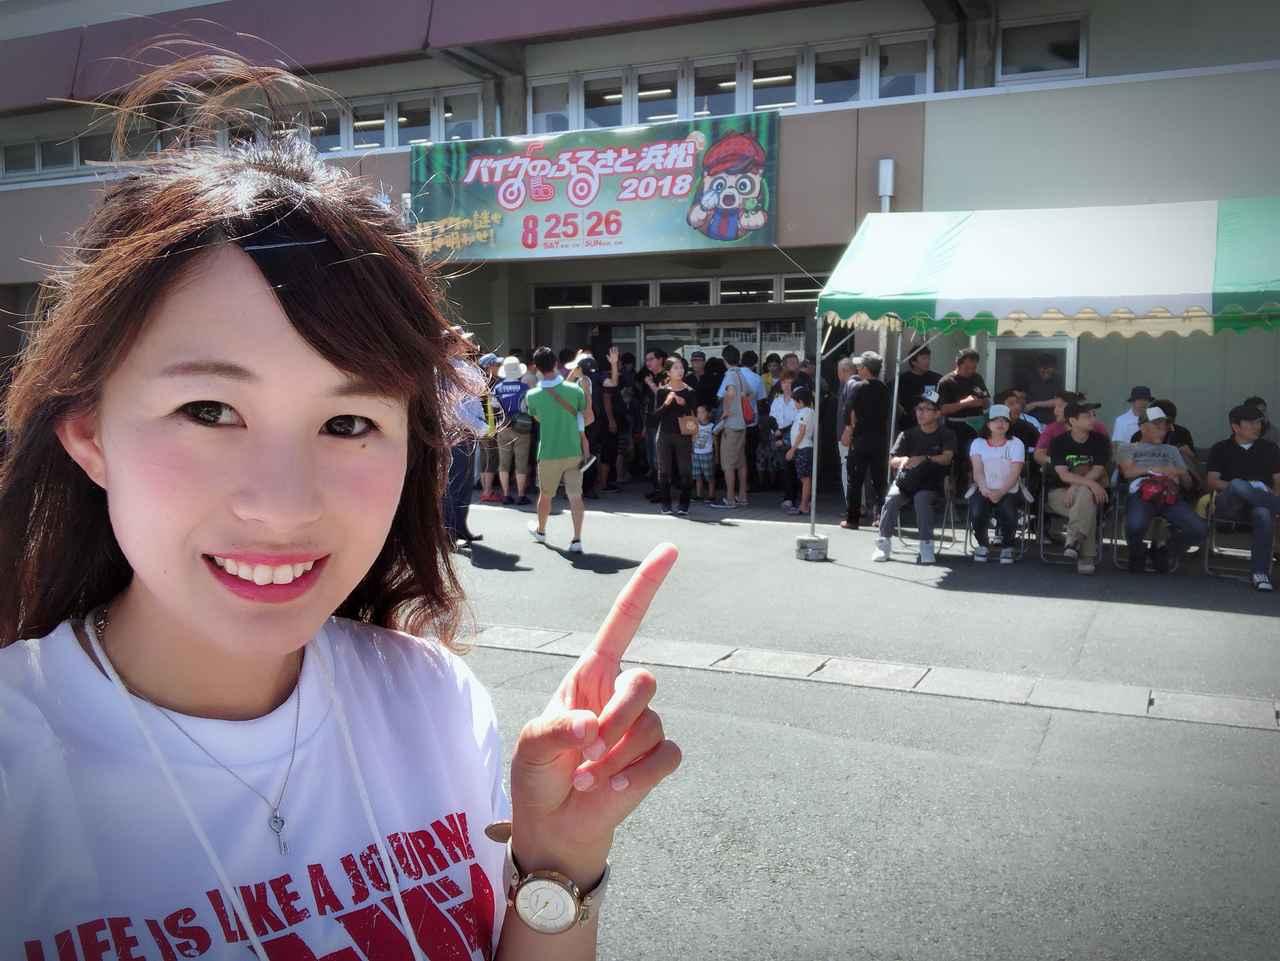 画像1: 「バイクのふるさと浜松」に行ってきました!(モリメグ)